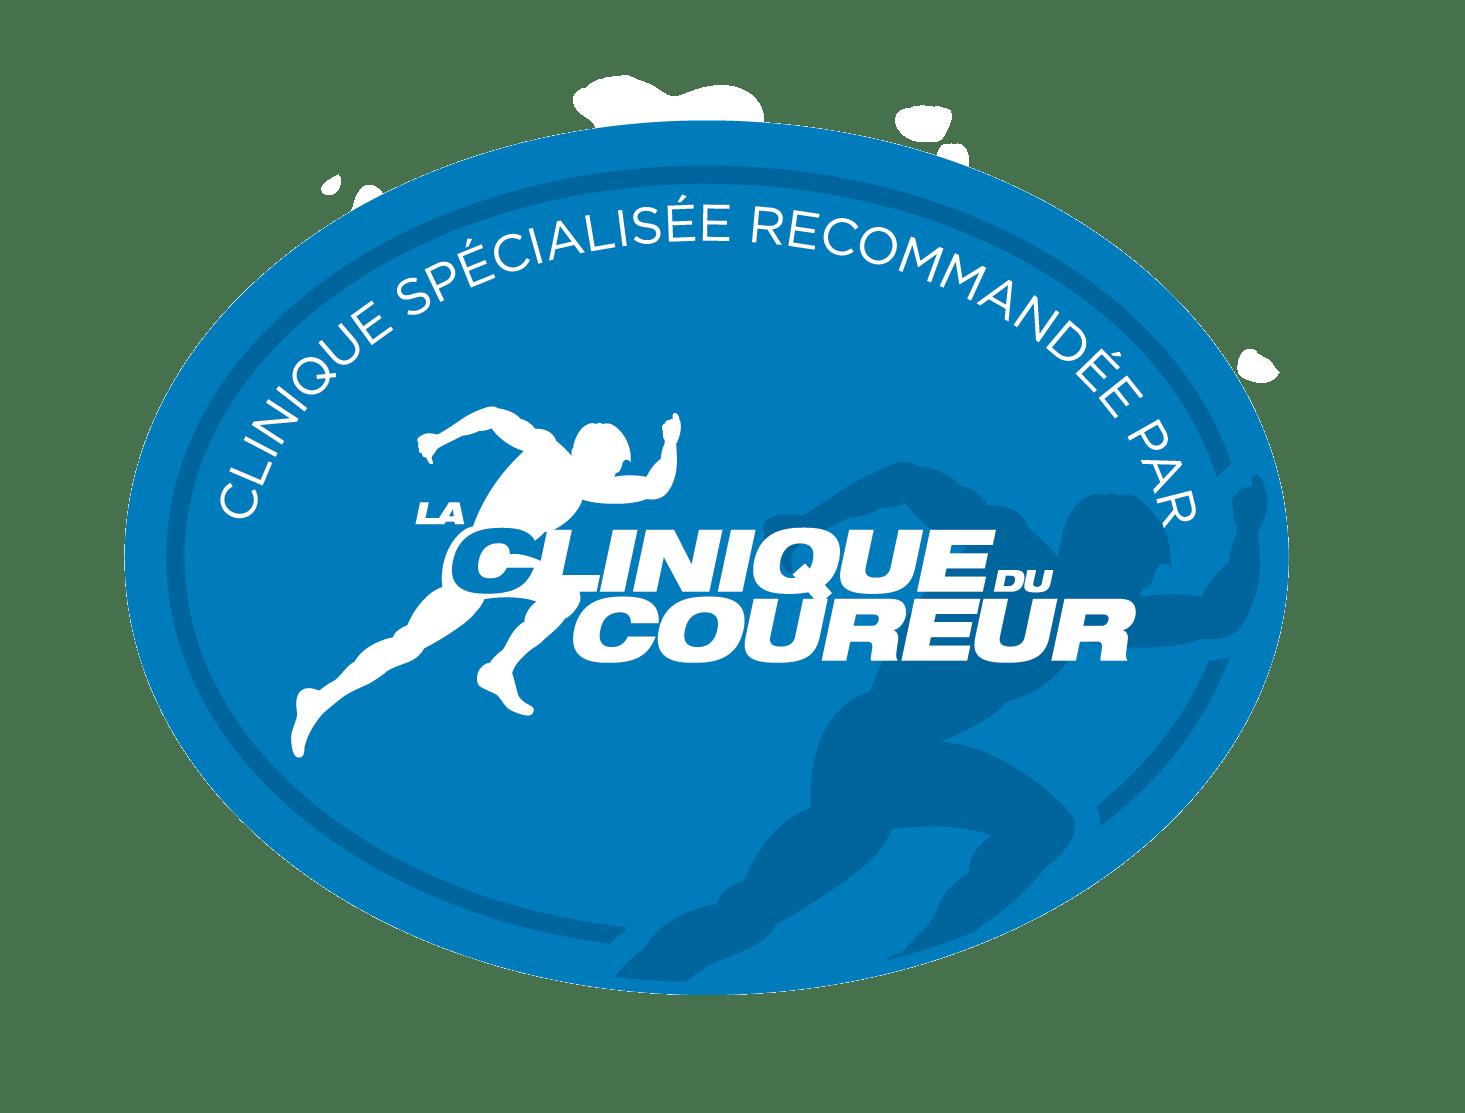 Logo La Clinique du Coureur